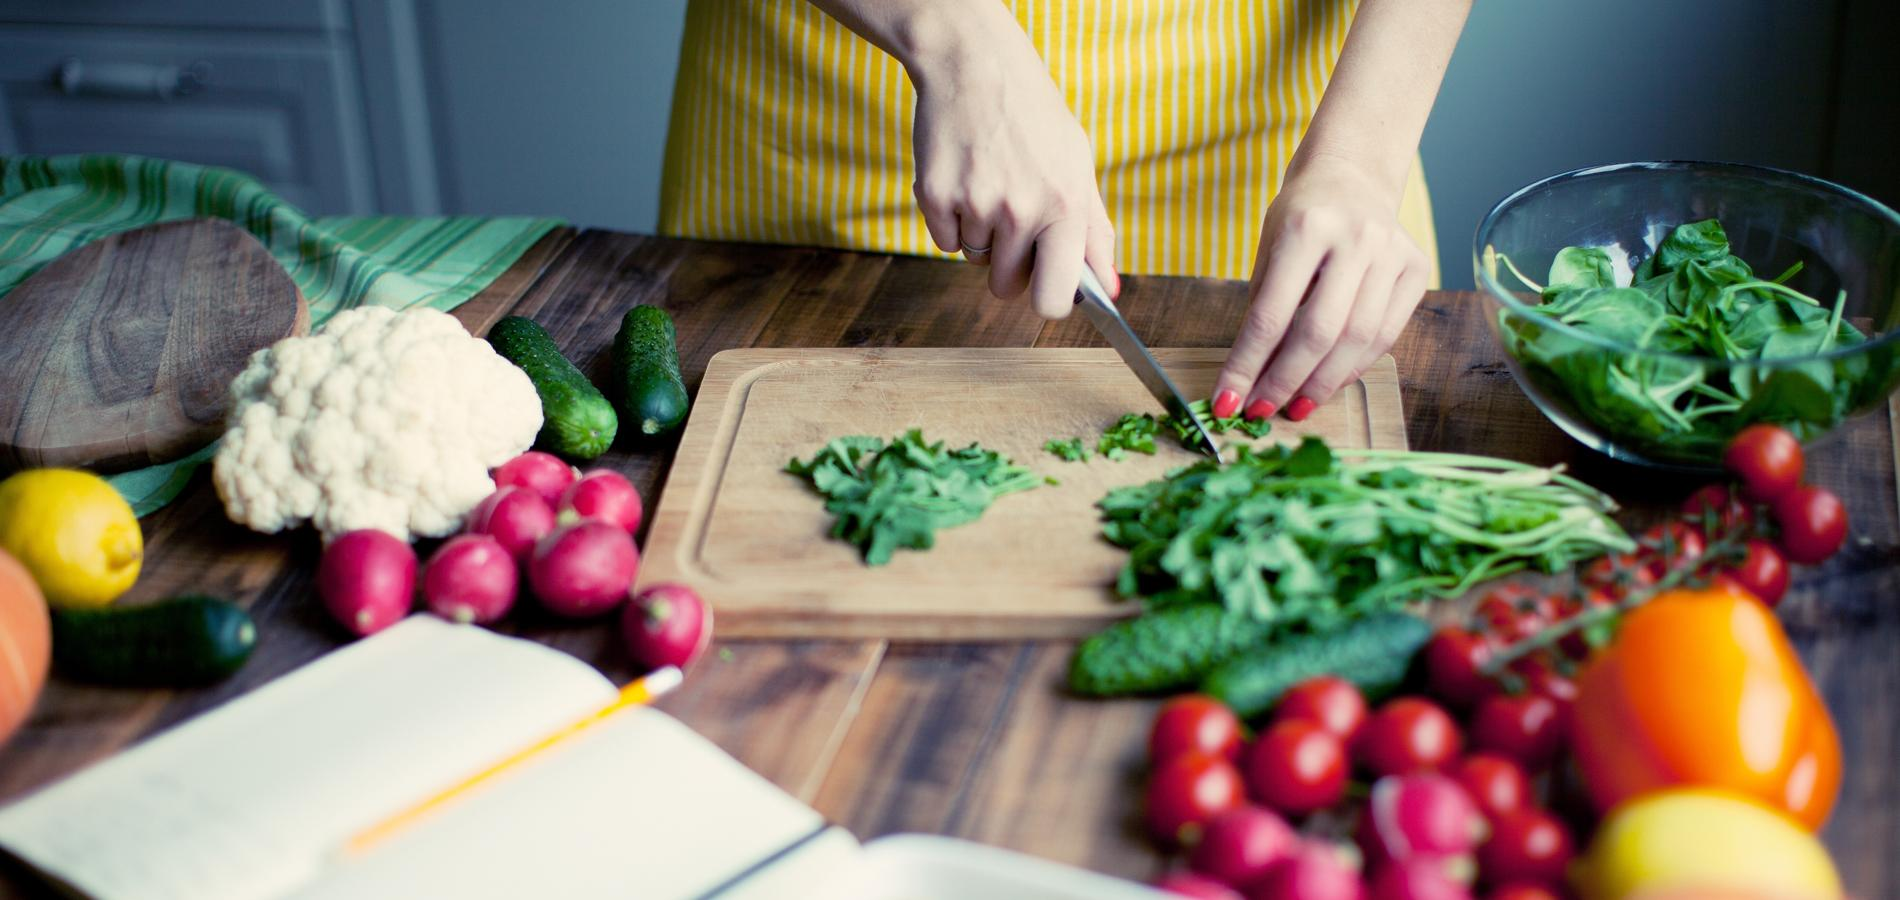 la cuisine crue, pourquoi et comment s'y mettre ? - cuisine /